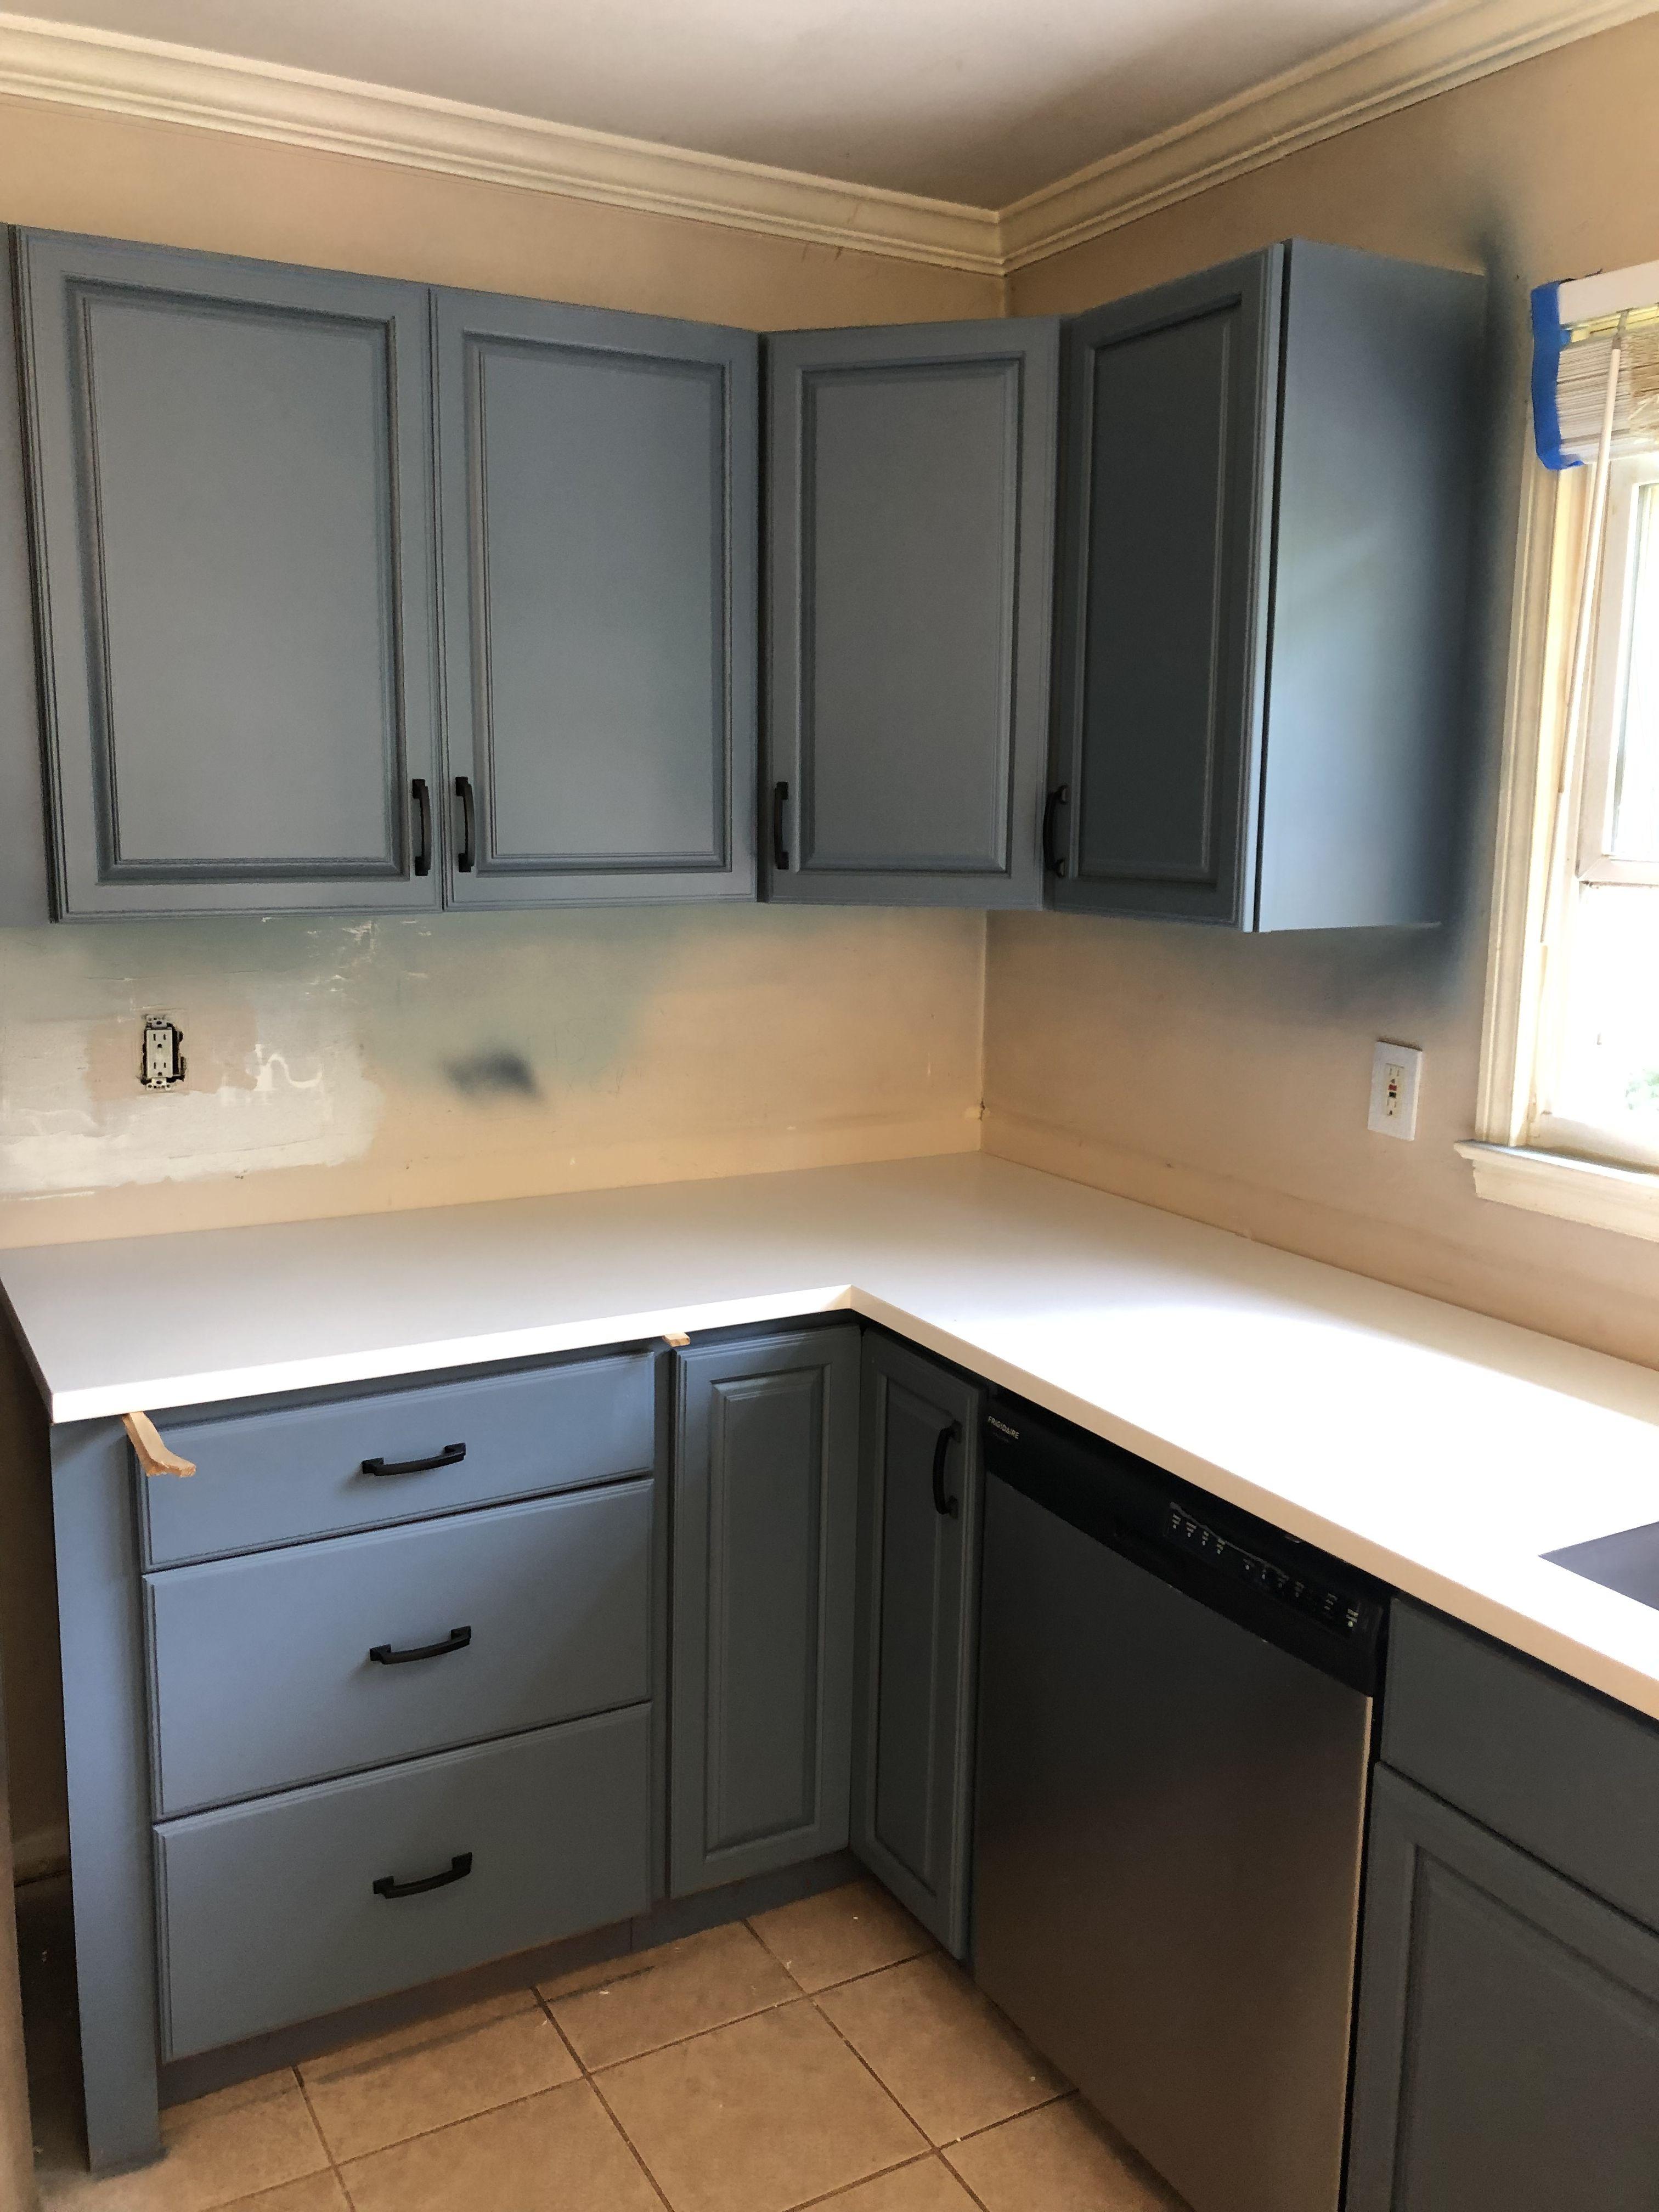 Behr Nypd Blue Kitchen Cabinets Blue Kitchen Cabinets Kitchen Cabinets Remodeling Mobile Homes